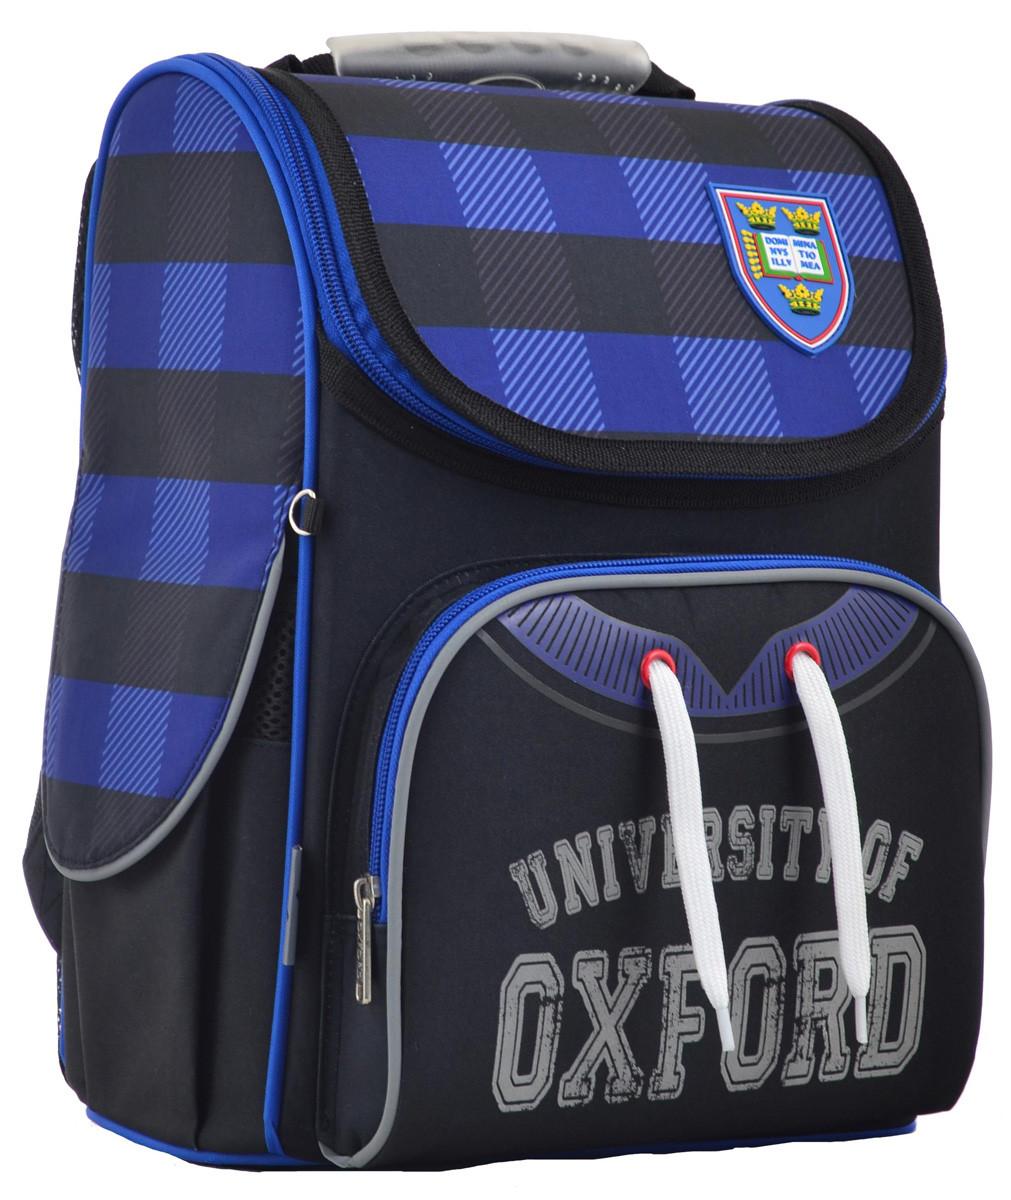 Рюкзак школьный ортопедический каркасный 1 Вересня H-11 Oxford, 33.5*26*13.5 код: 555130